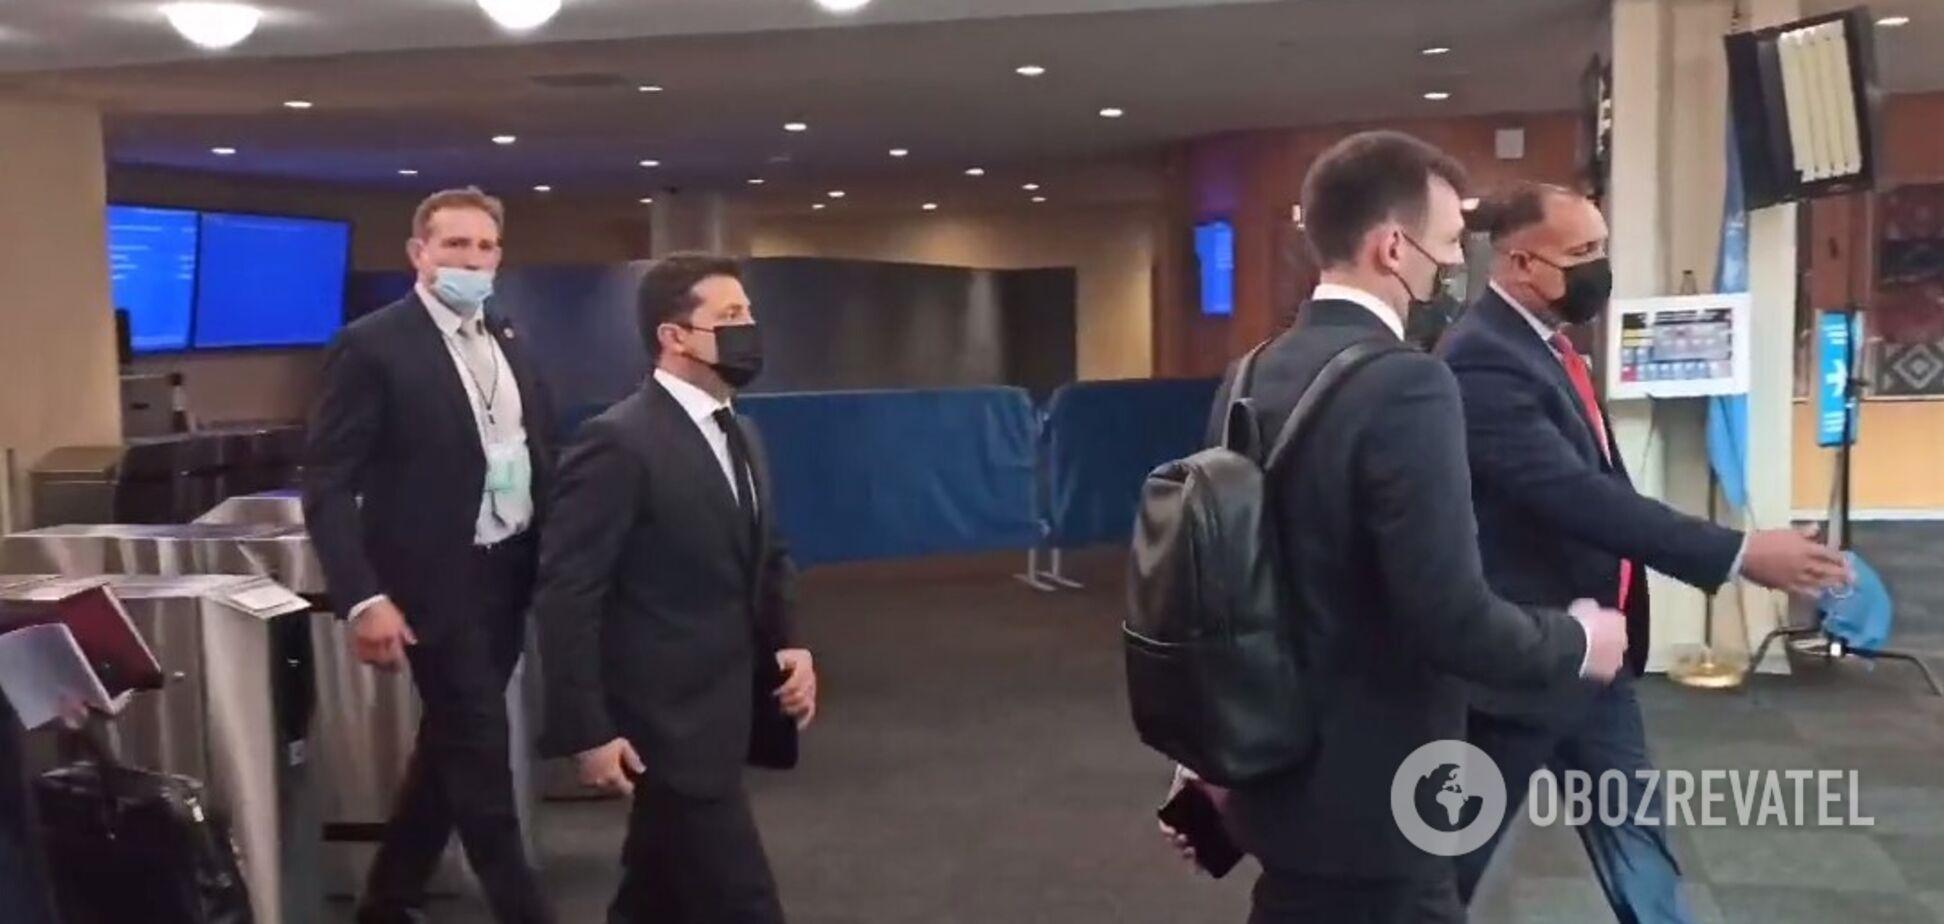 Зеленський не став спілкуватися з російським пропагандистом на Генасамблеї ООН